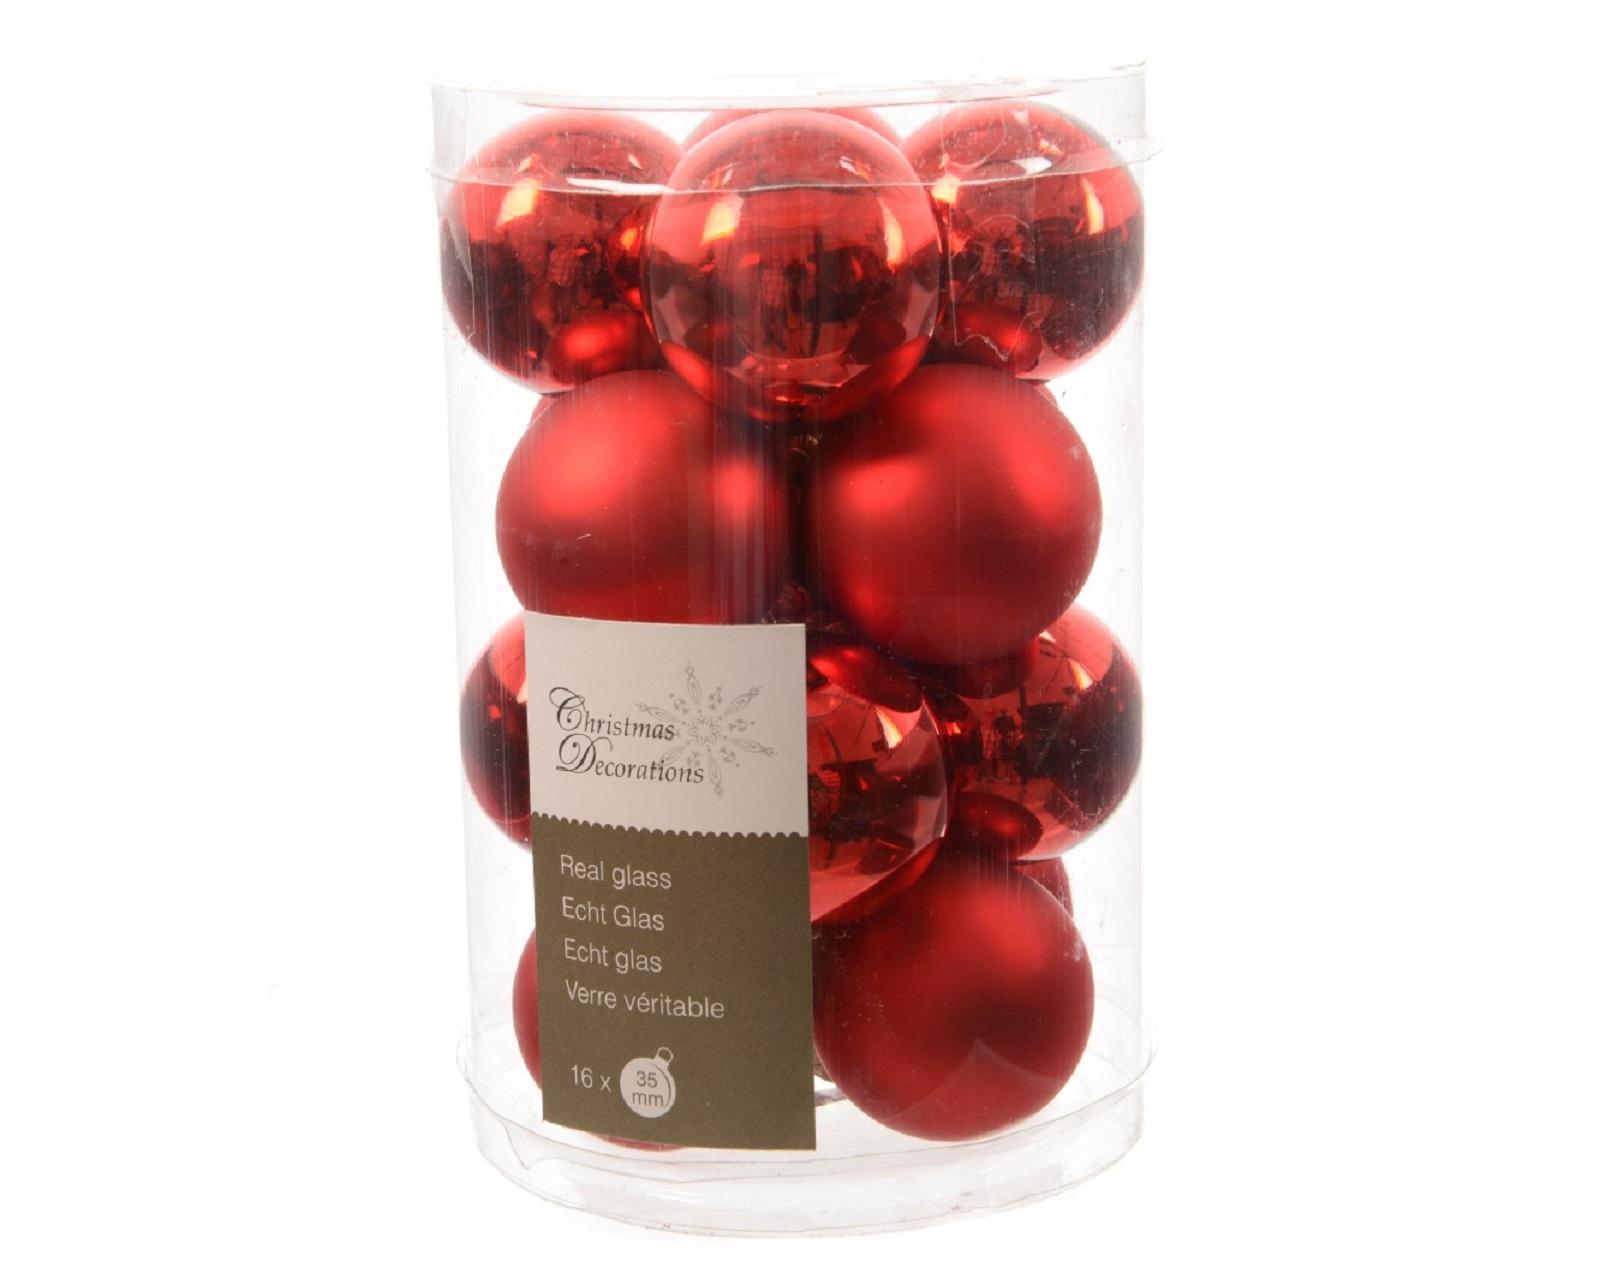 Glaskugeln Baumschmuck Weihnachtskugeln mini Weihnachtsdeko 16 St rot